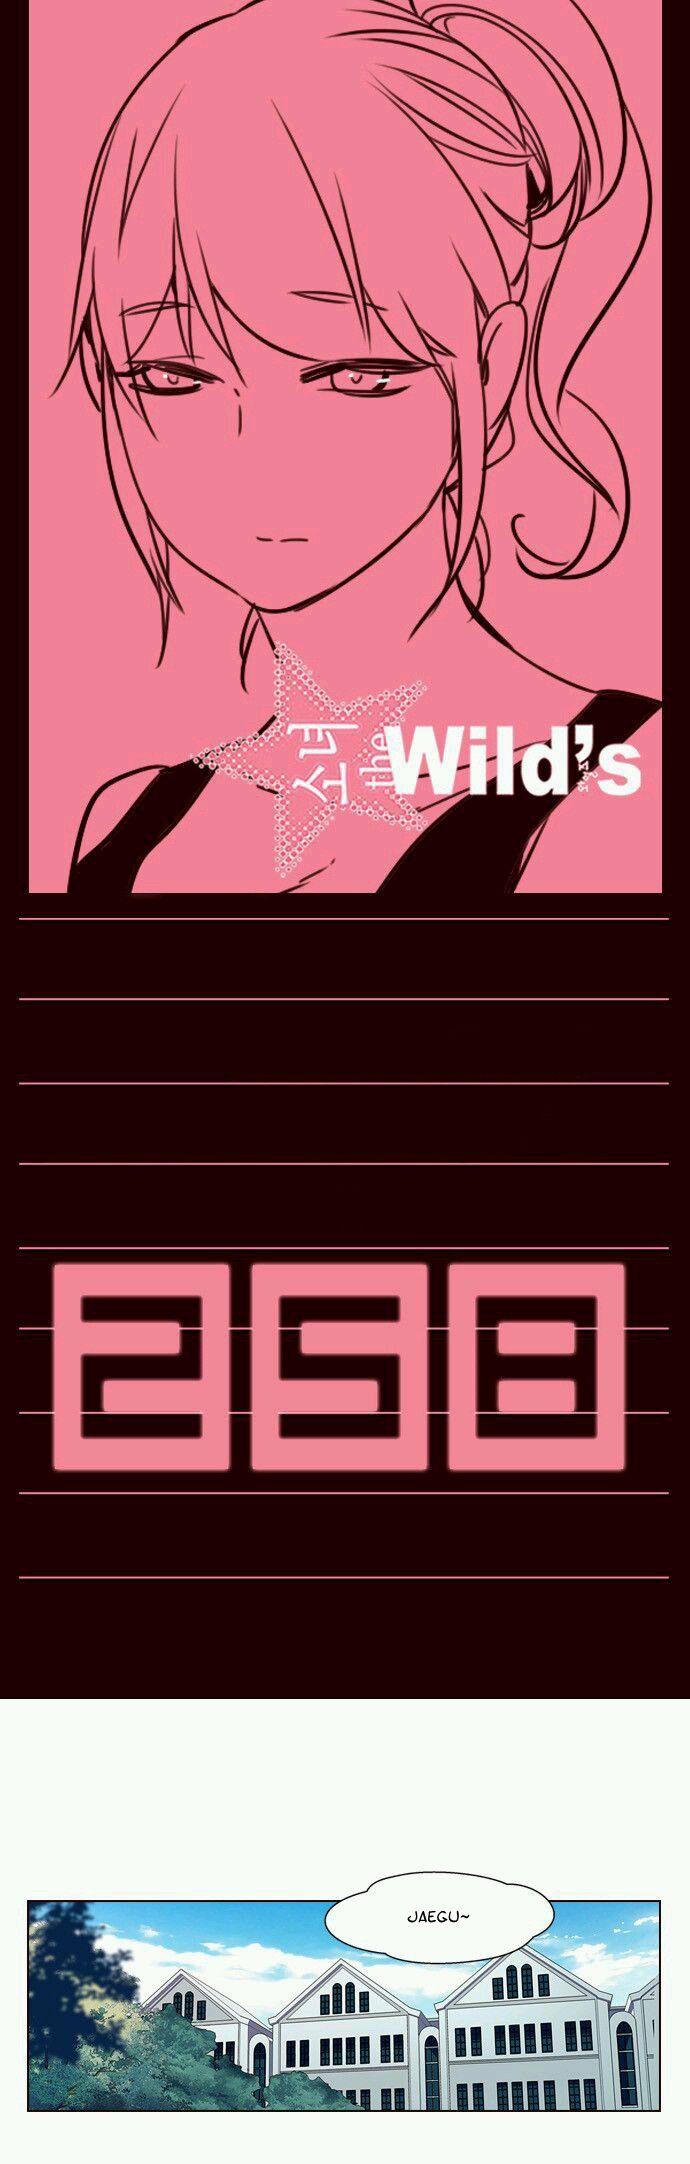 http://c5.ninemanga.com/es_manga/pic2/32/416/512367/468fcab5a34b87b67951ec18c257f13a.jpg Page 2